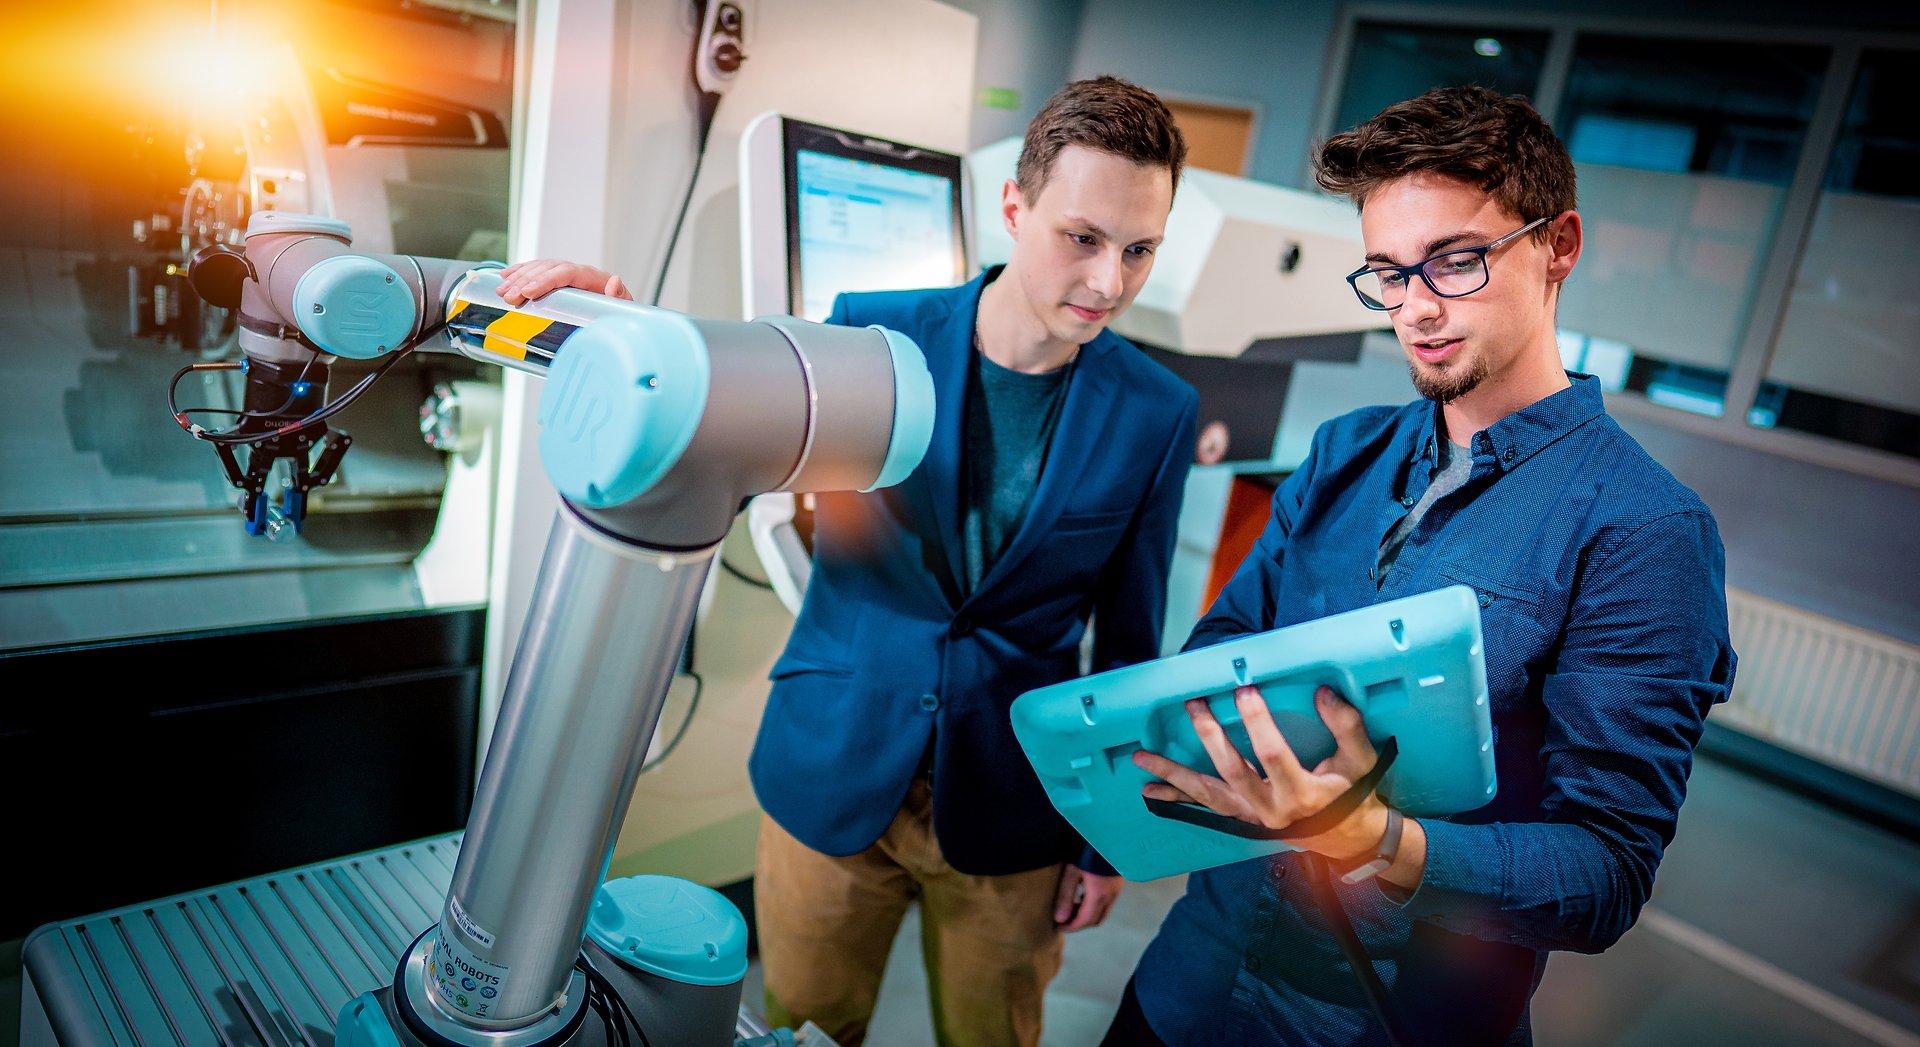 Level 4.0 – Digital Innovation Hub rozpoczyna swoją działalność we Wrocławiu